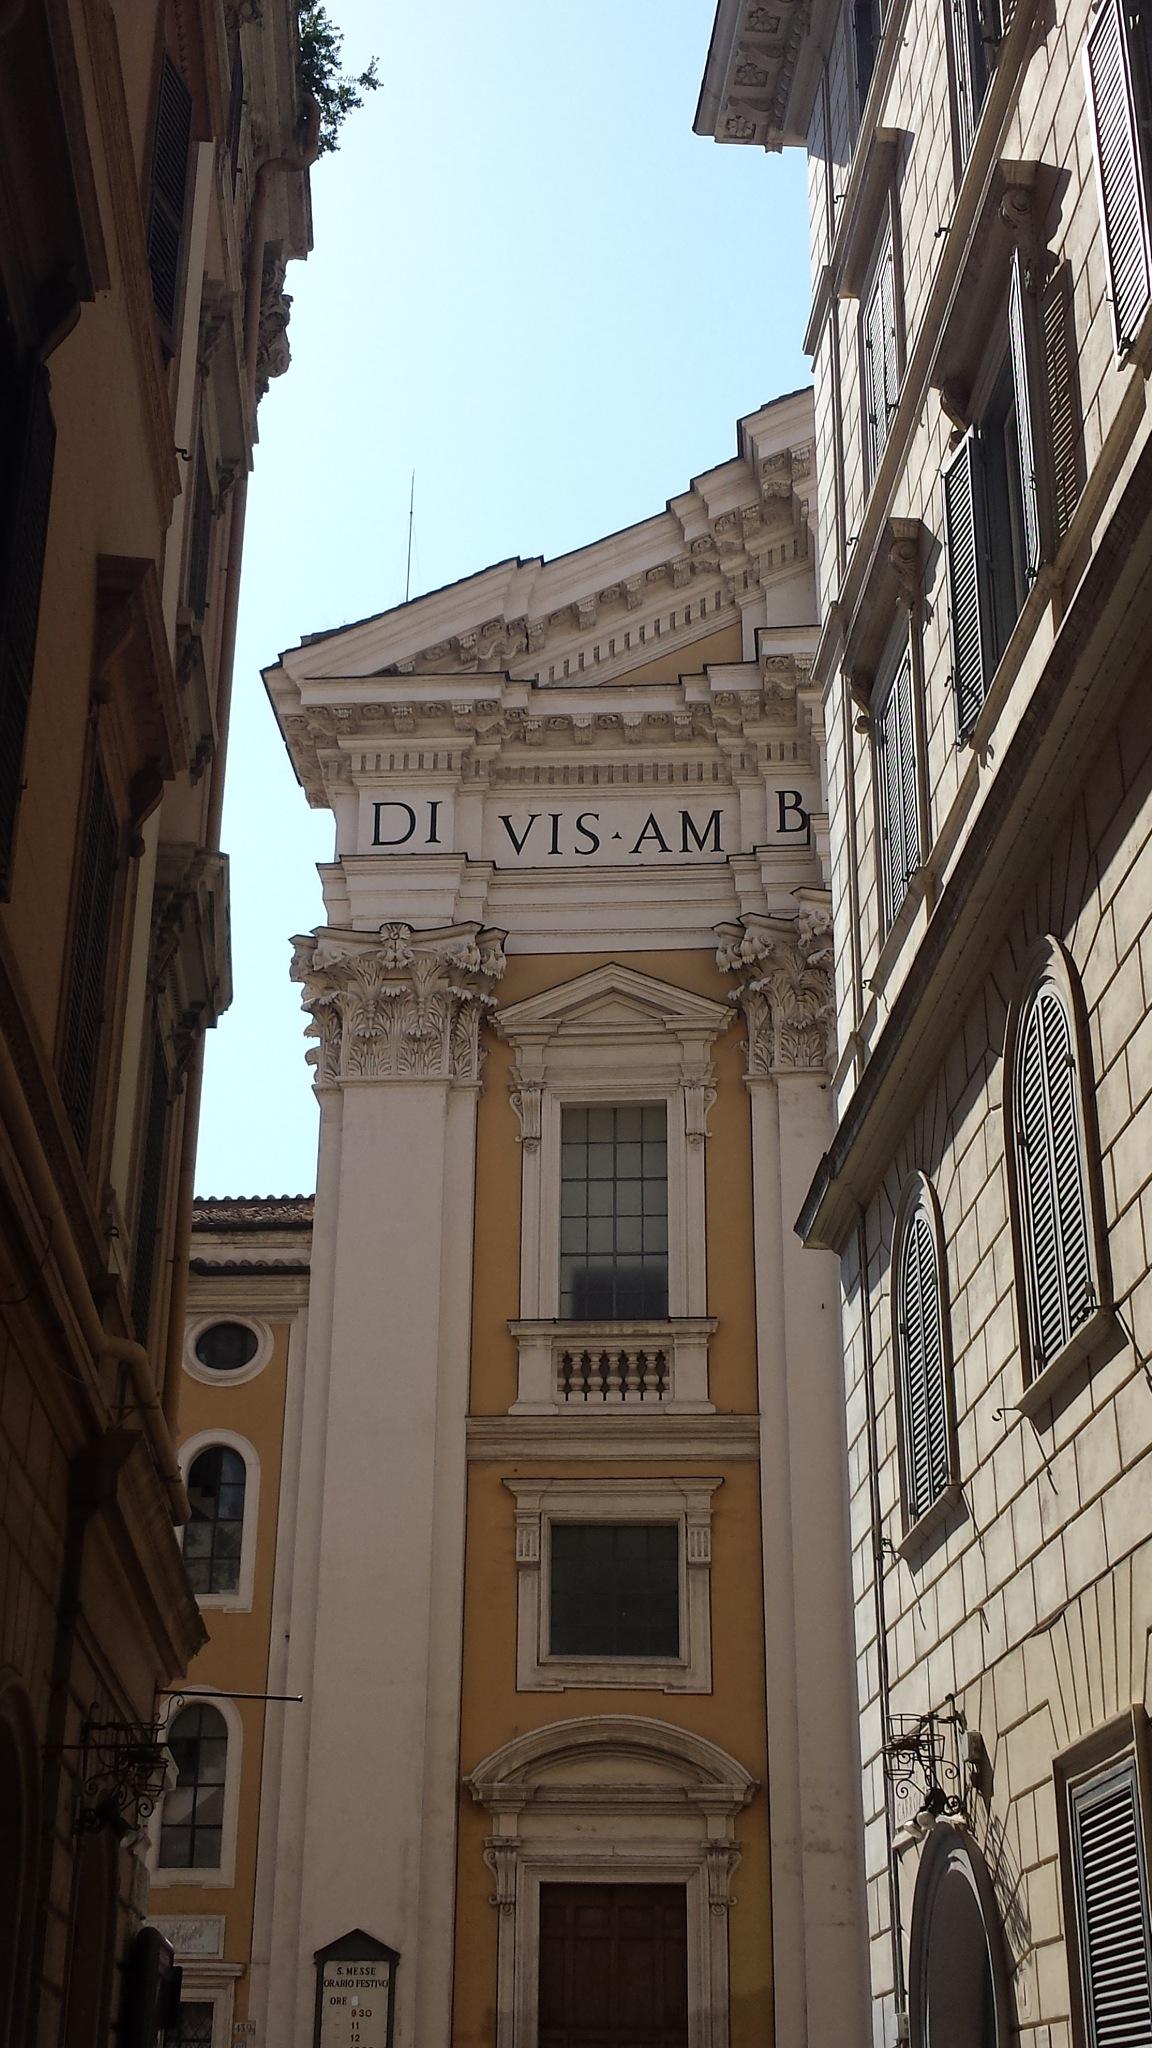 Divis by JMDuque